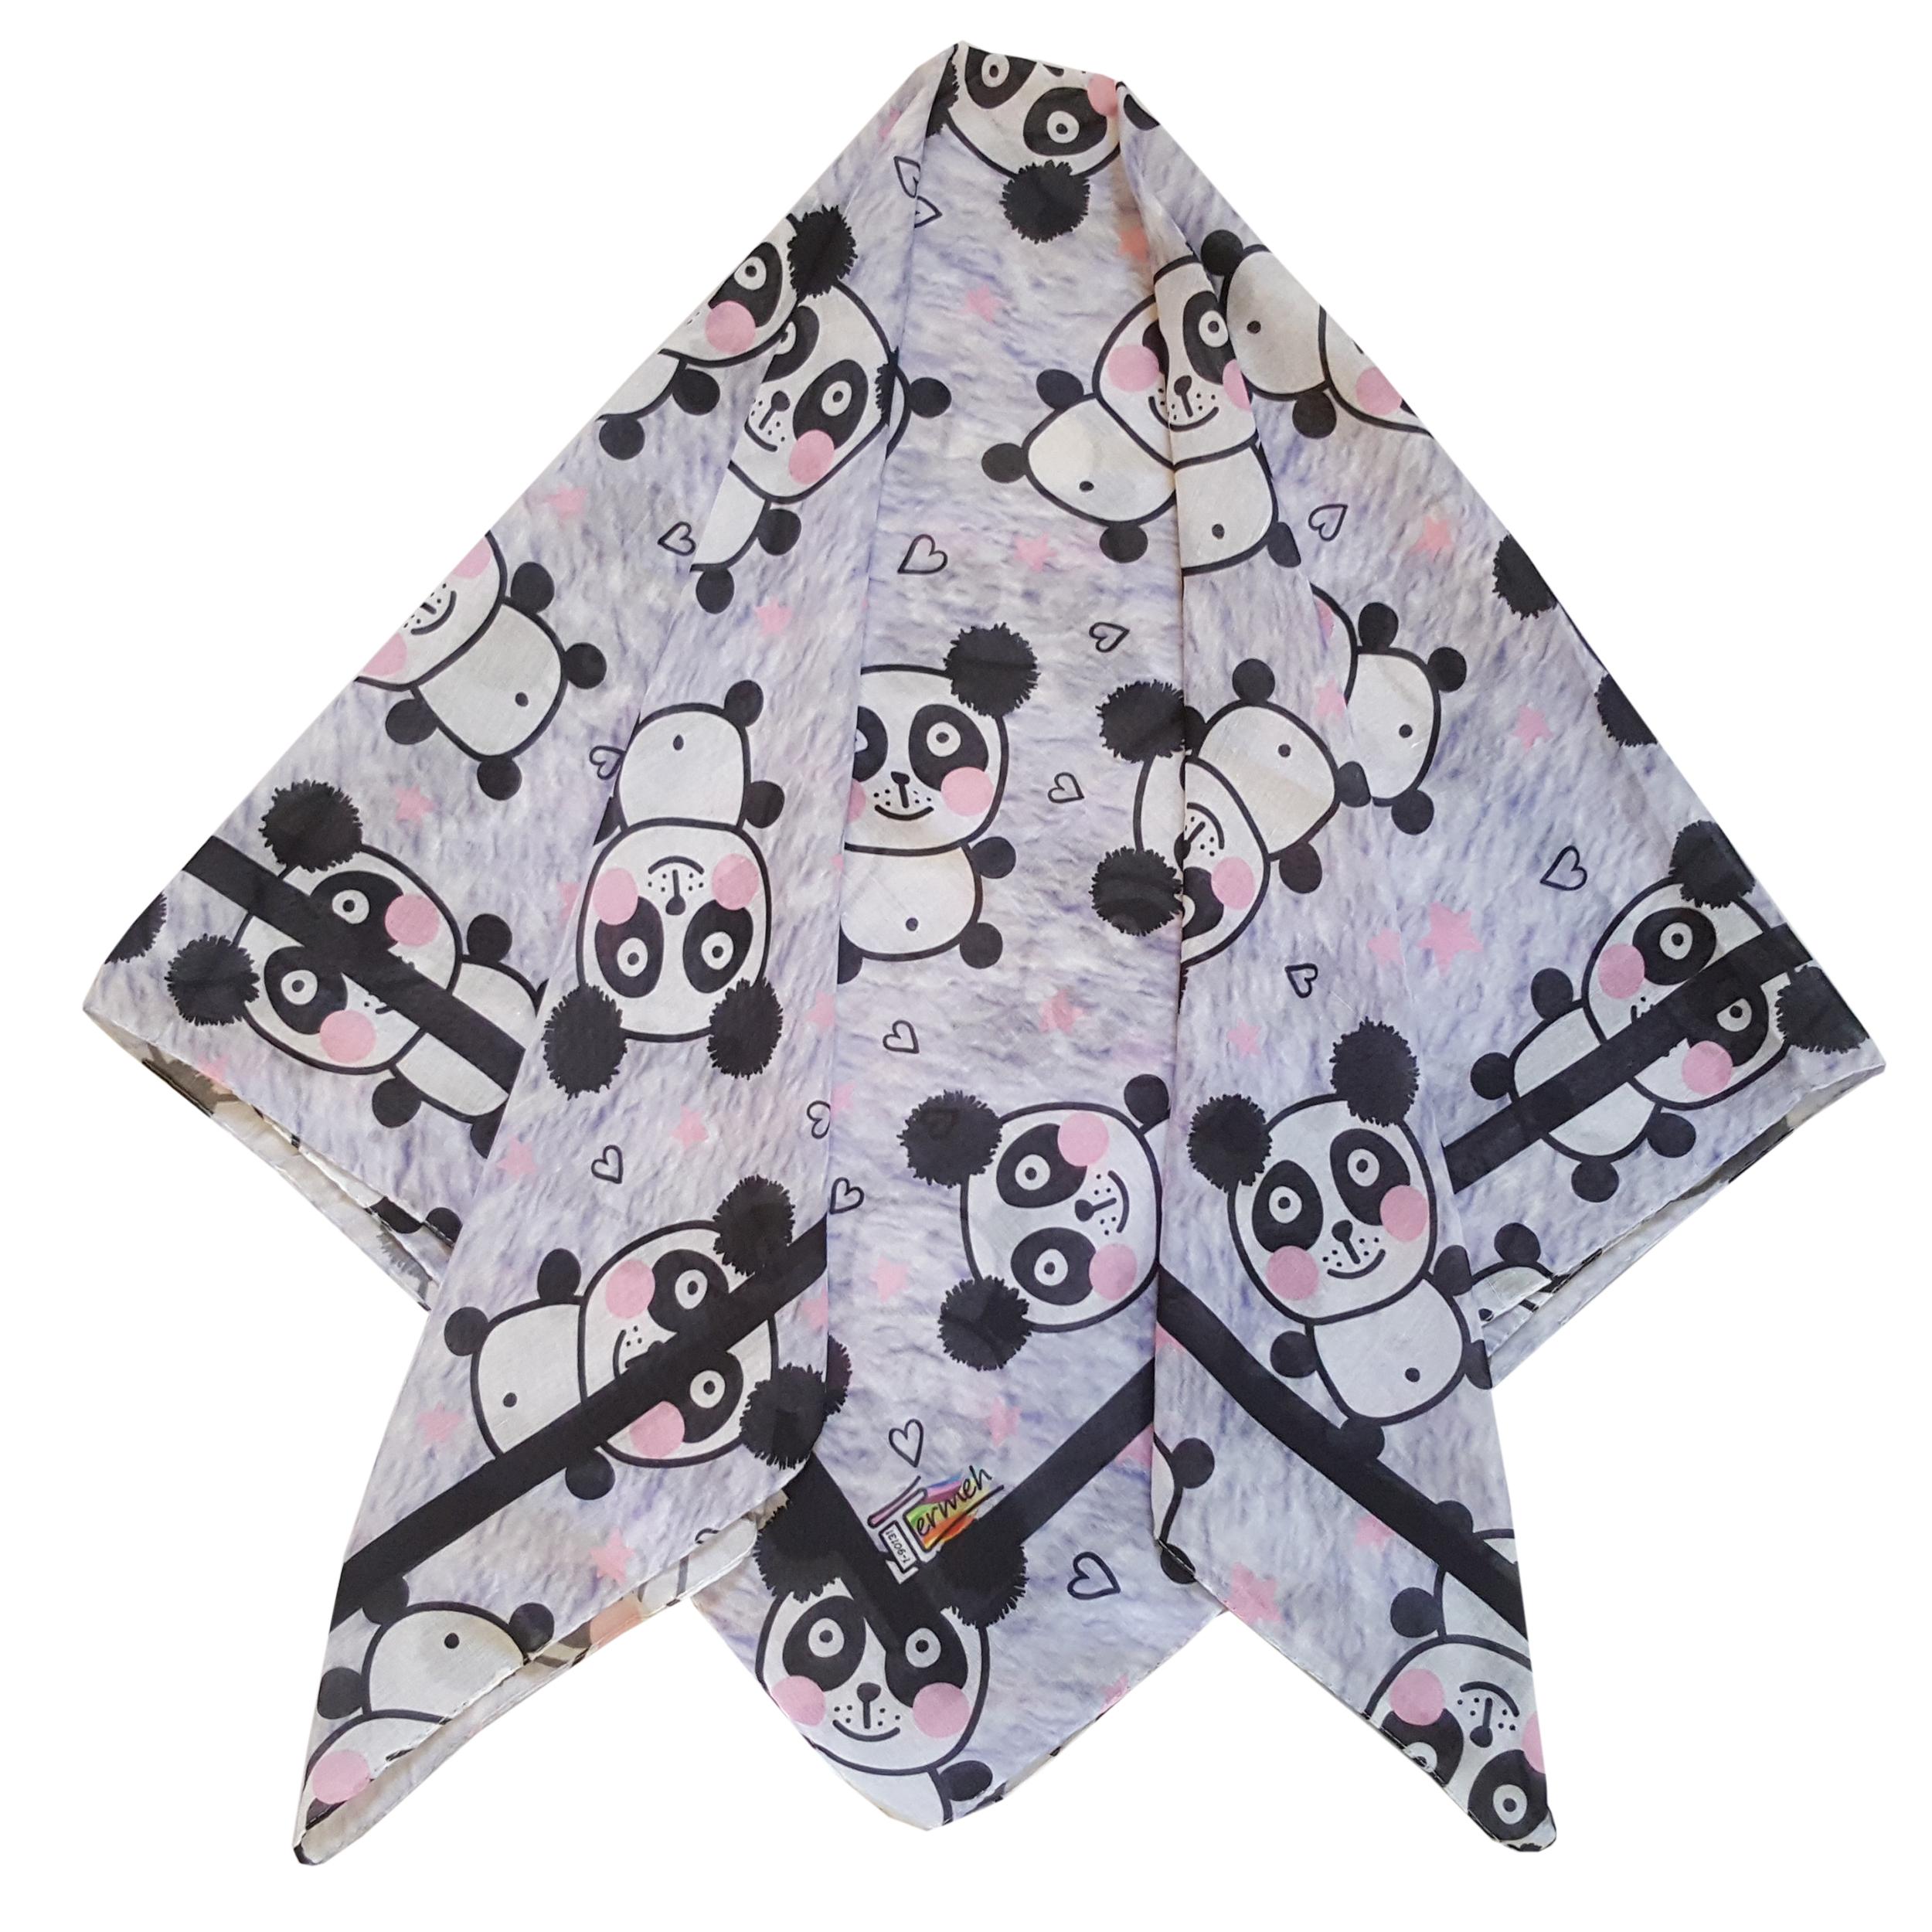 روسری دخترانه ترمه مدل پاندا کد san51-27